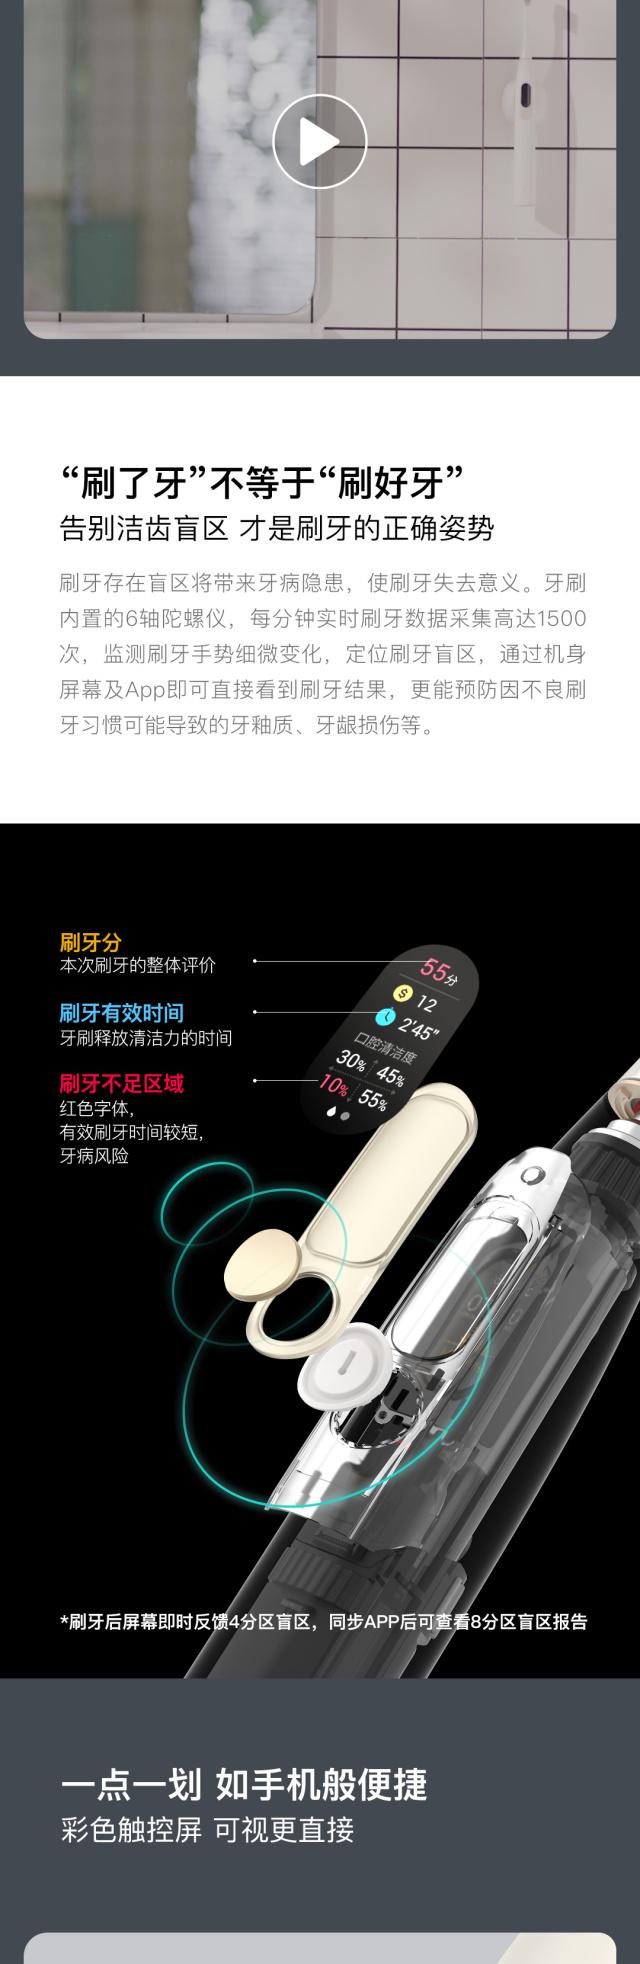 OcleanX彩色触屏智能电动牙刷